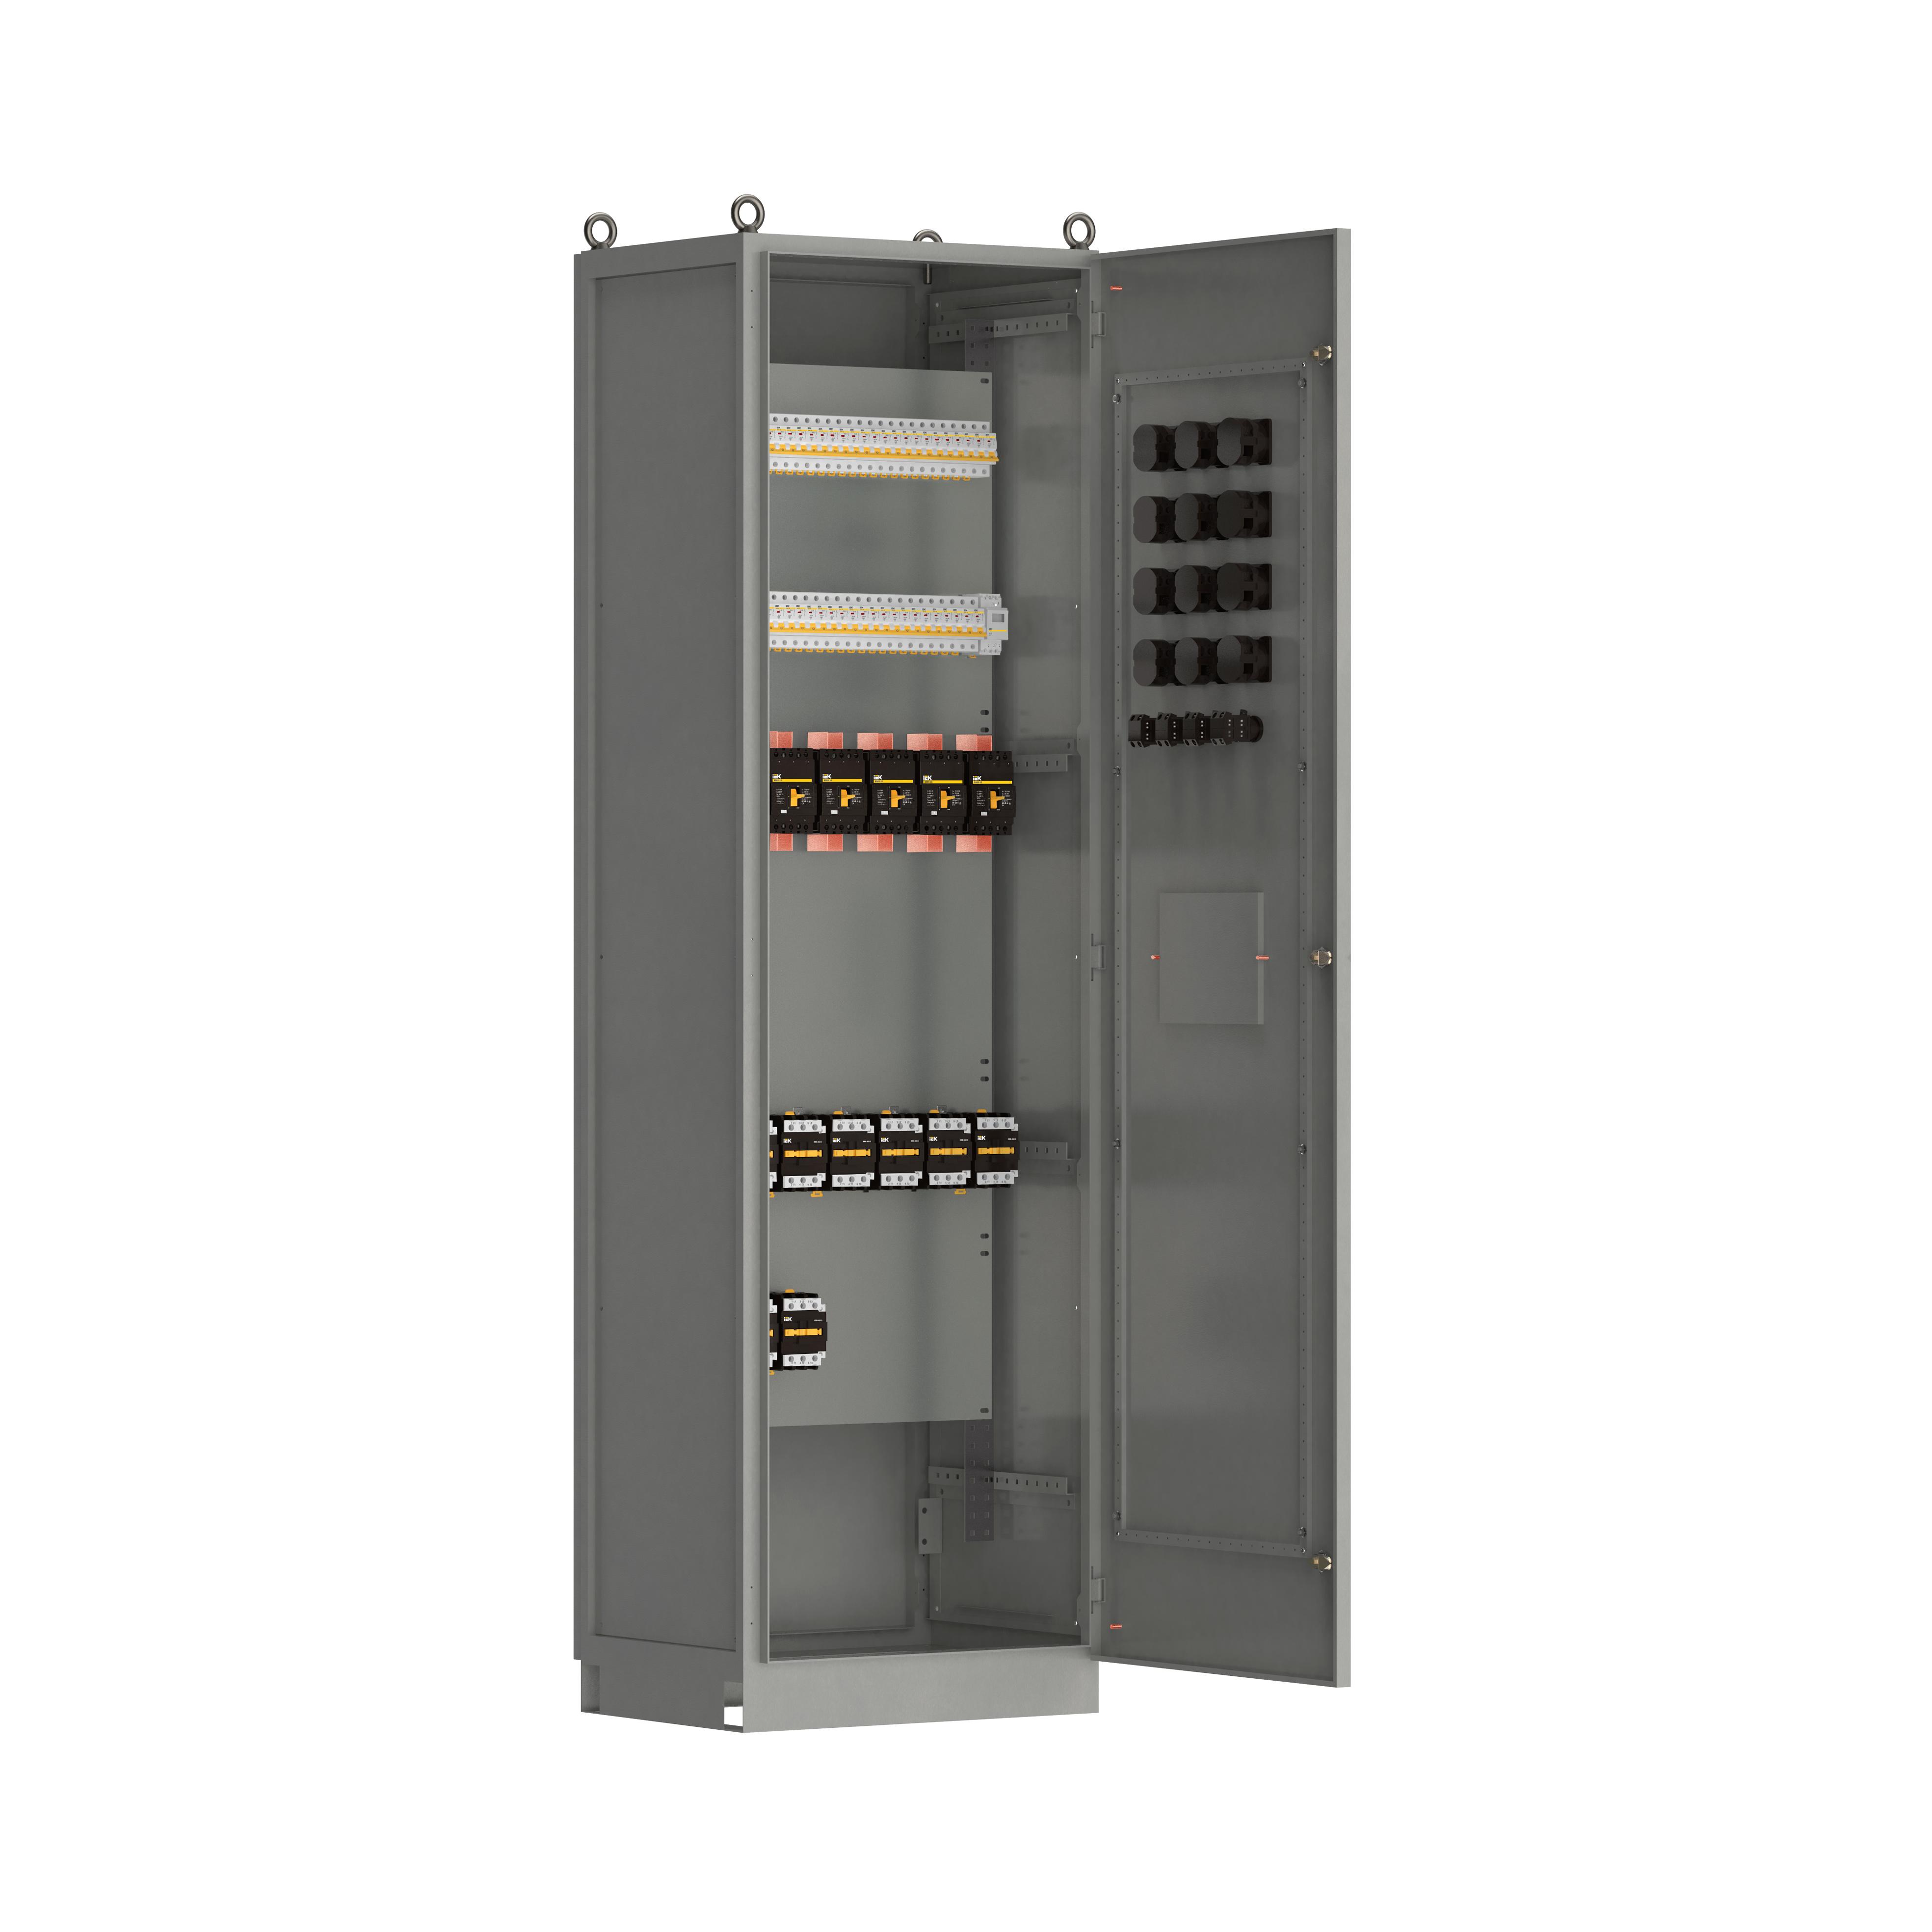 Панель распределительная ВРУ-8505 4Р-107-30 выключатели автоматические 3Р 4х125А 1Р 38х63А контакторы 7х65А IEK